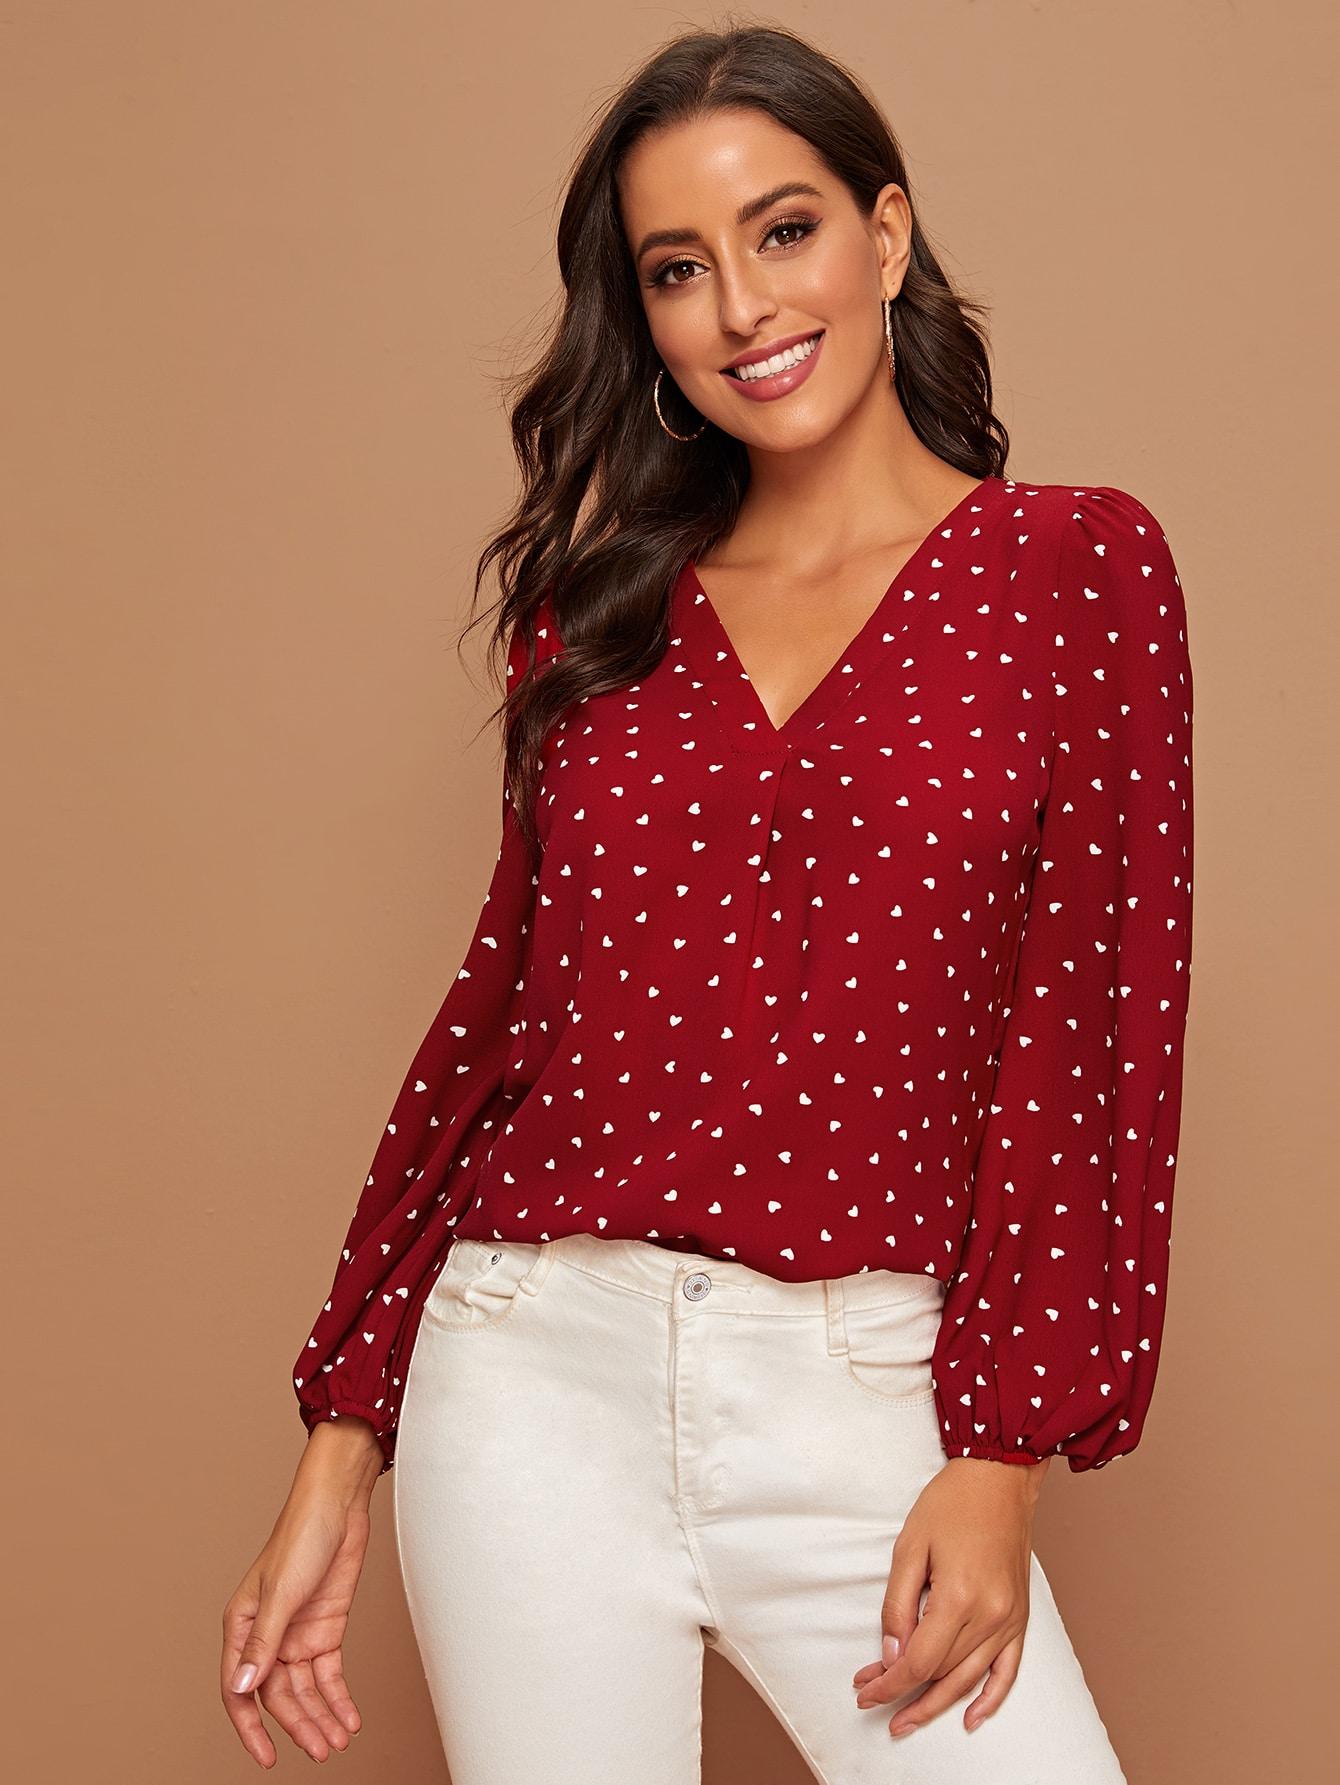 Tgp blouse